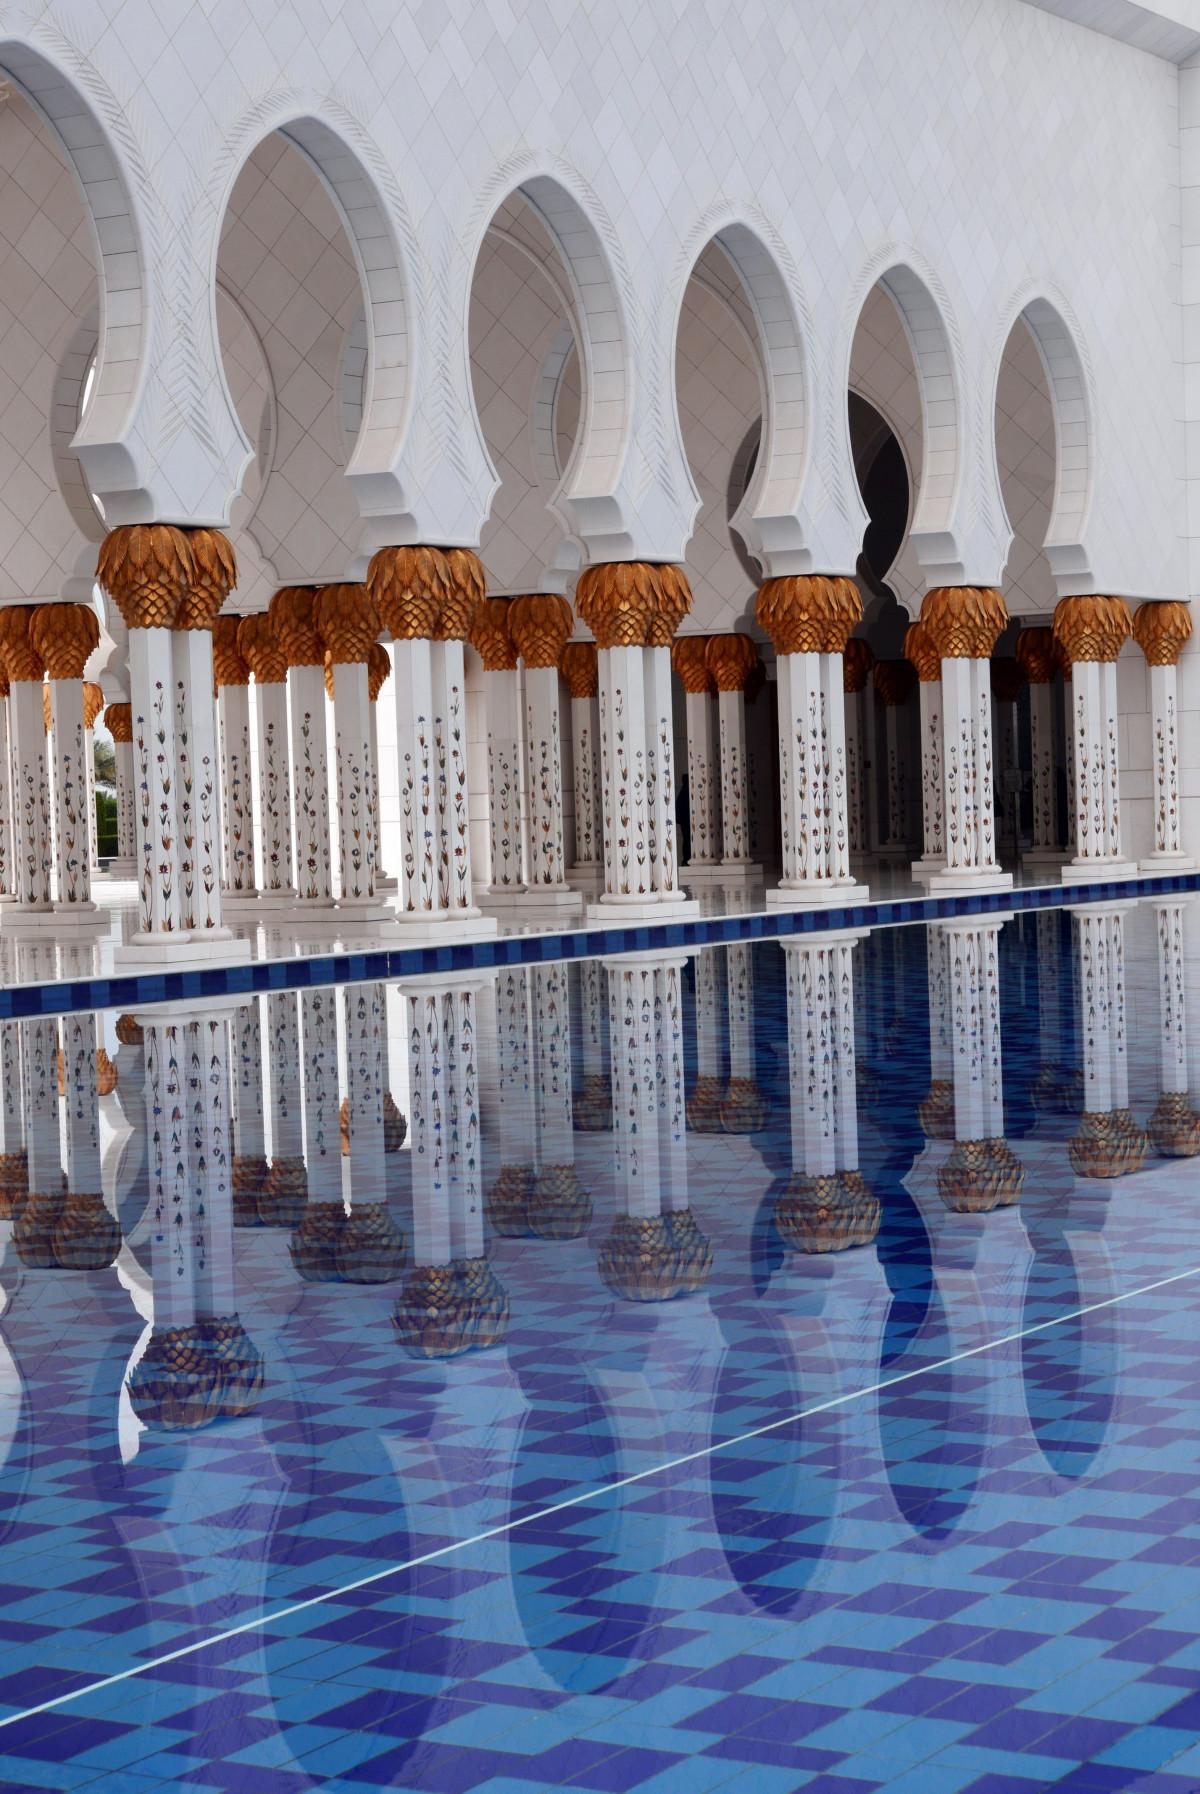 Gambar Bangunan Tempat Beribadah Mesjid Abu Dhabi Masjid Sheikh Zayed Arsitektur Islamic